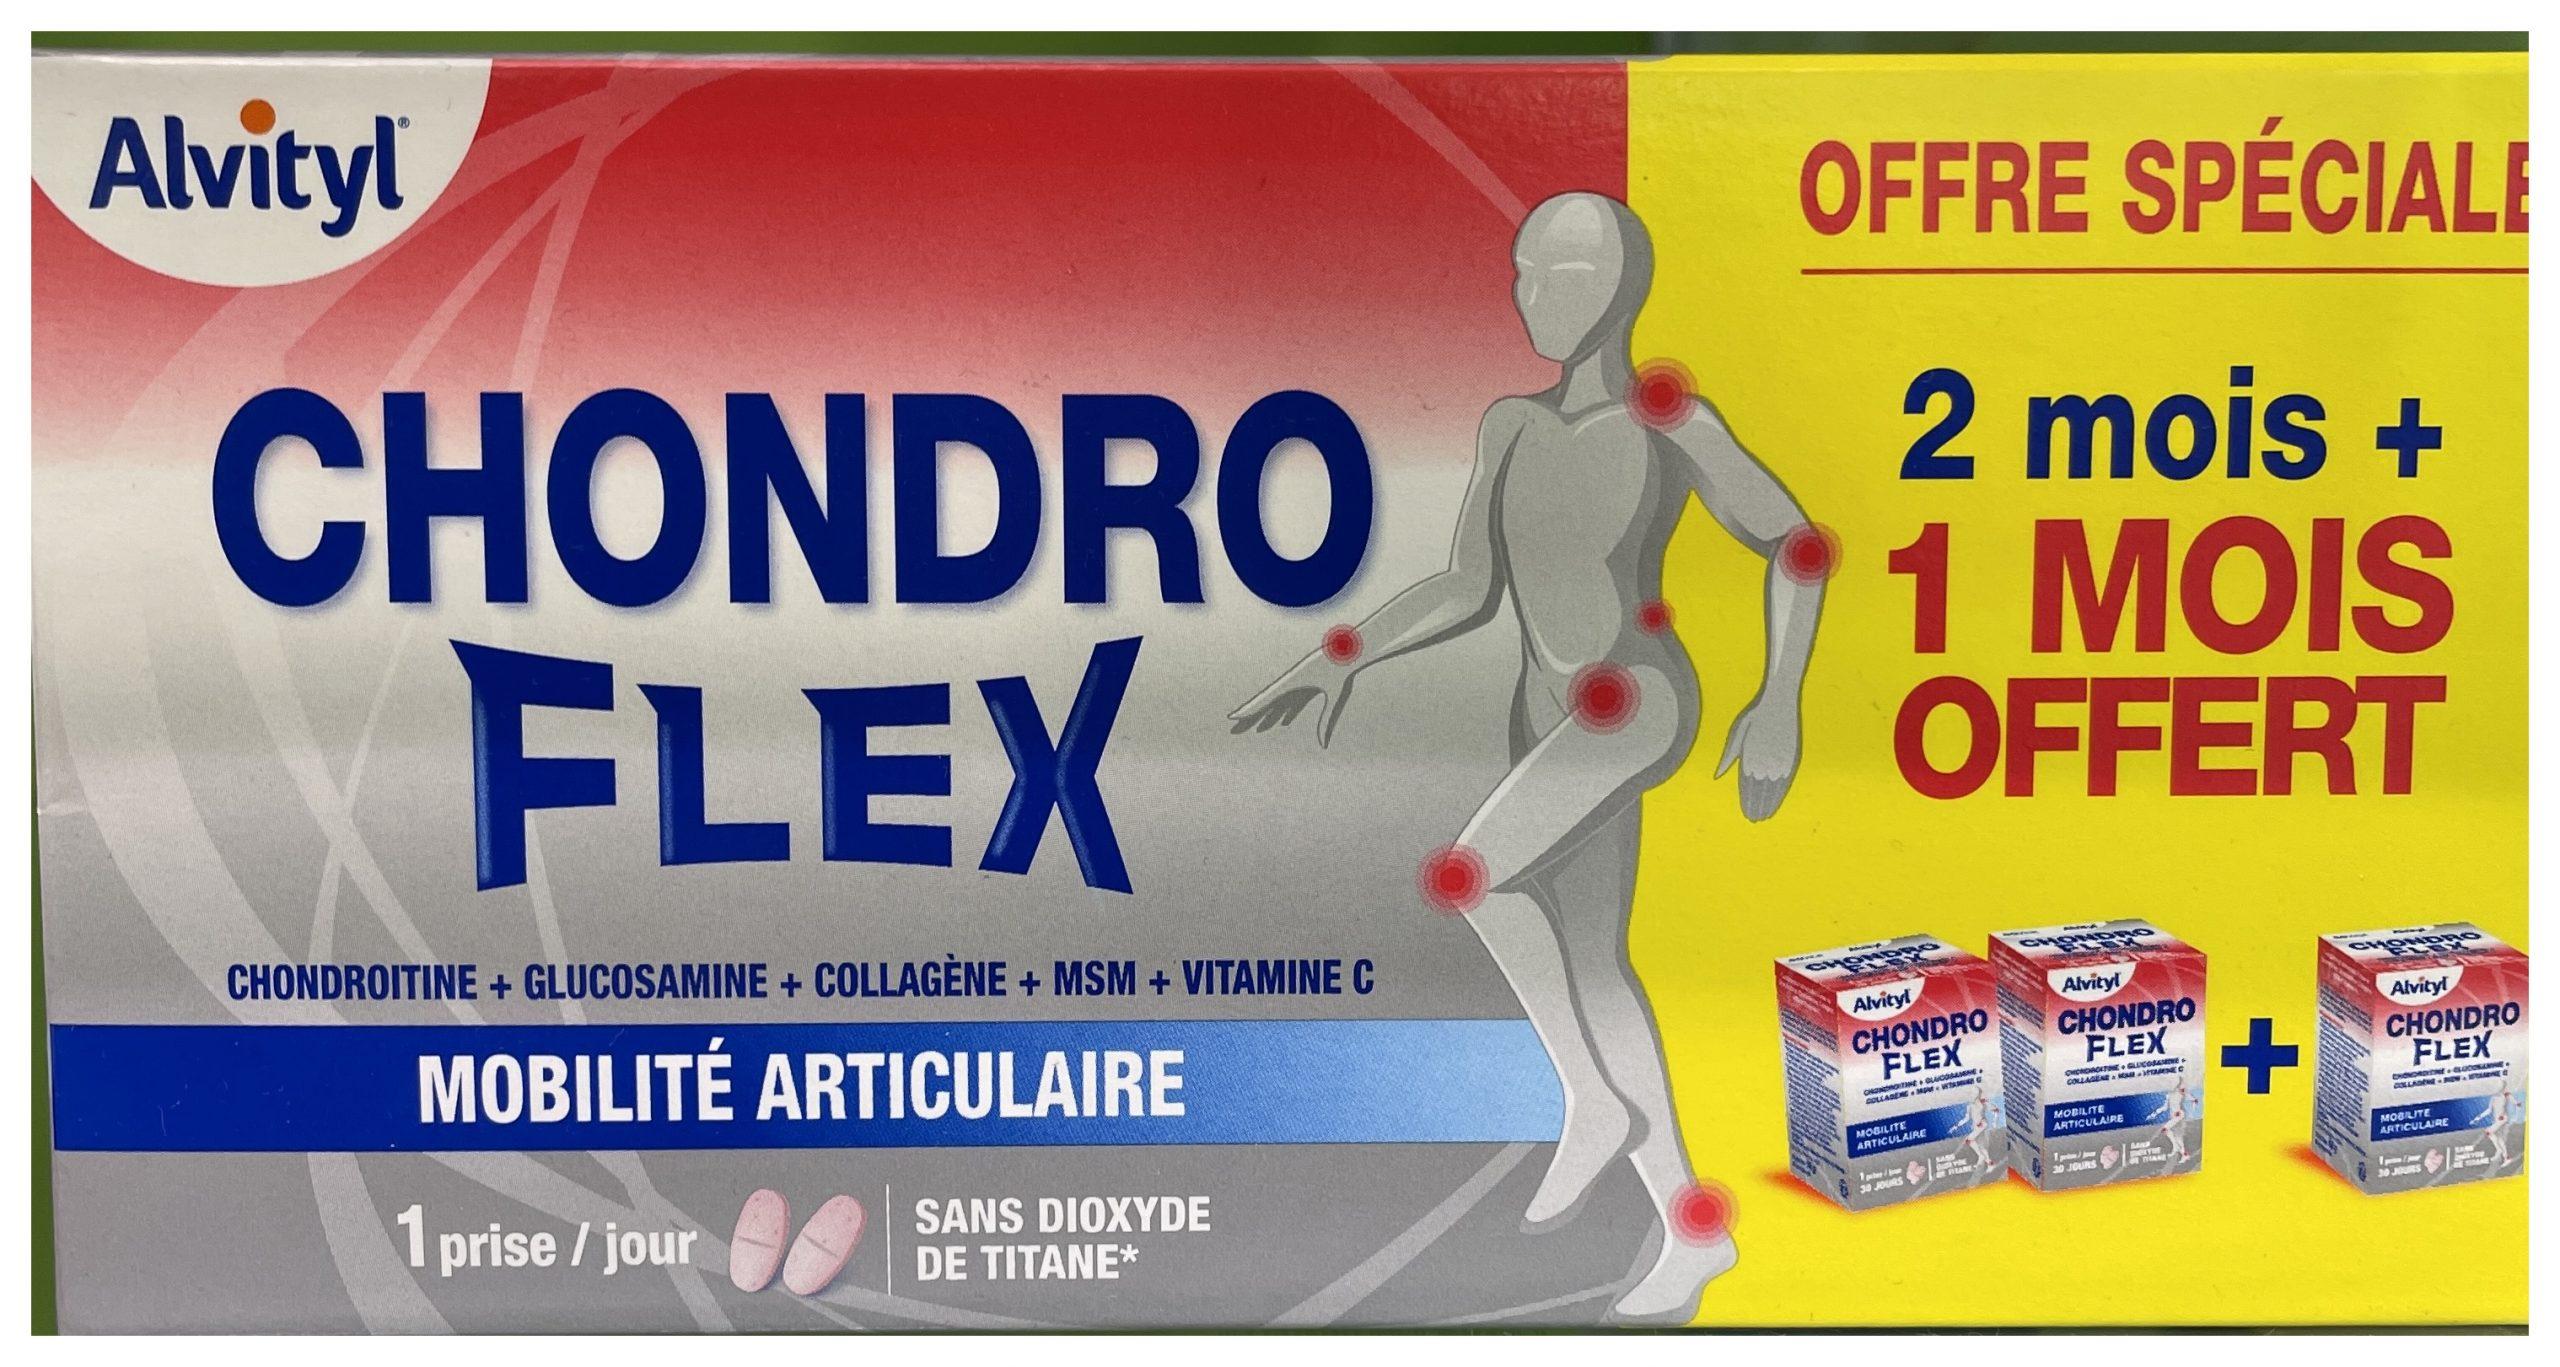 Urgo GOVital - Chondro Flex condroitina glucosamina colágeno MSM Vit C Chondroflex es el seguro de tener todos los días, en 1 sola toma de 2 comprimidos